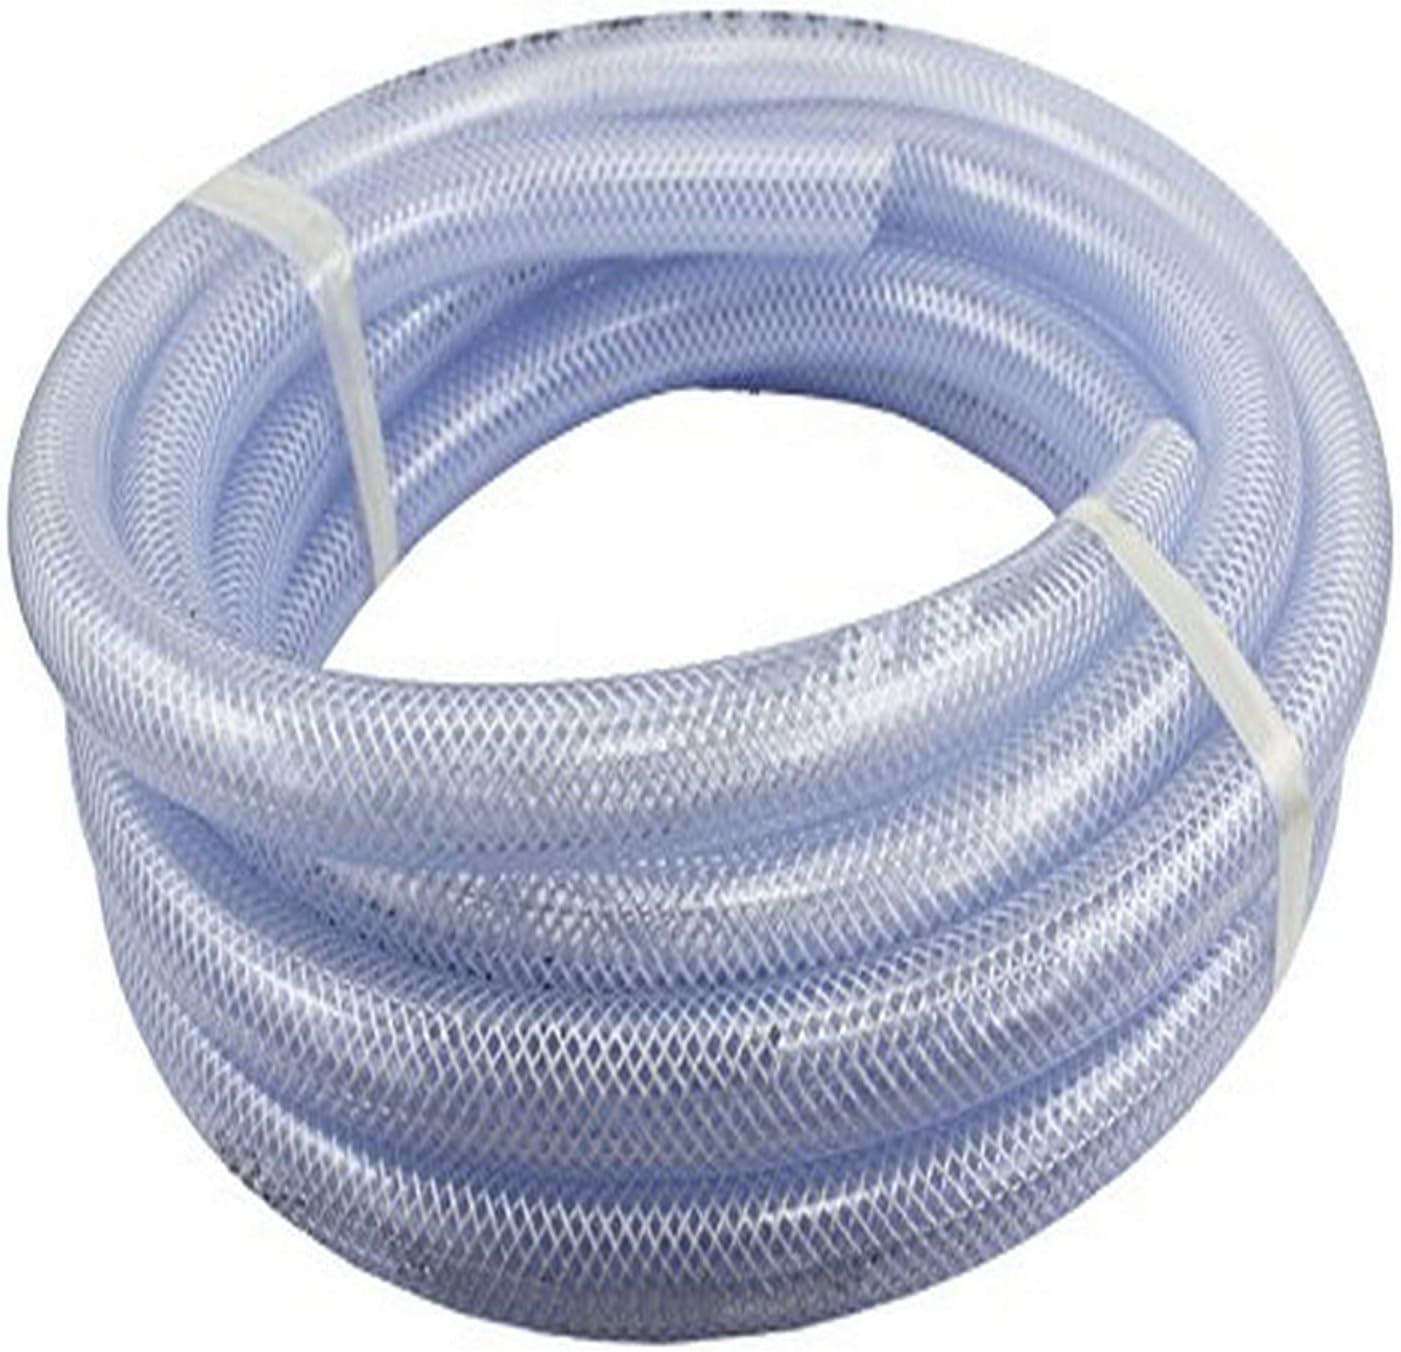 Duda Energy HPpvc150-005ft 5' x 1-1/2